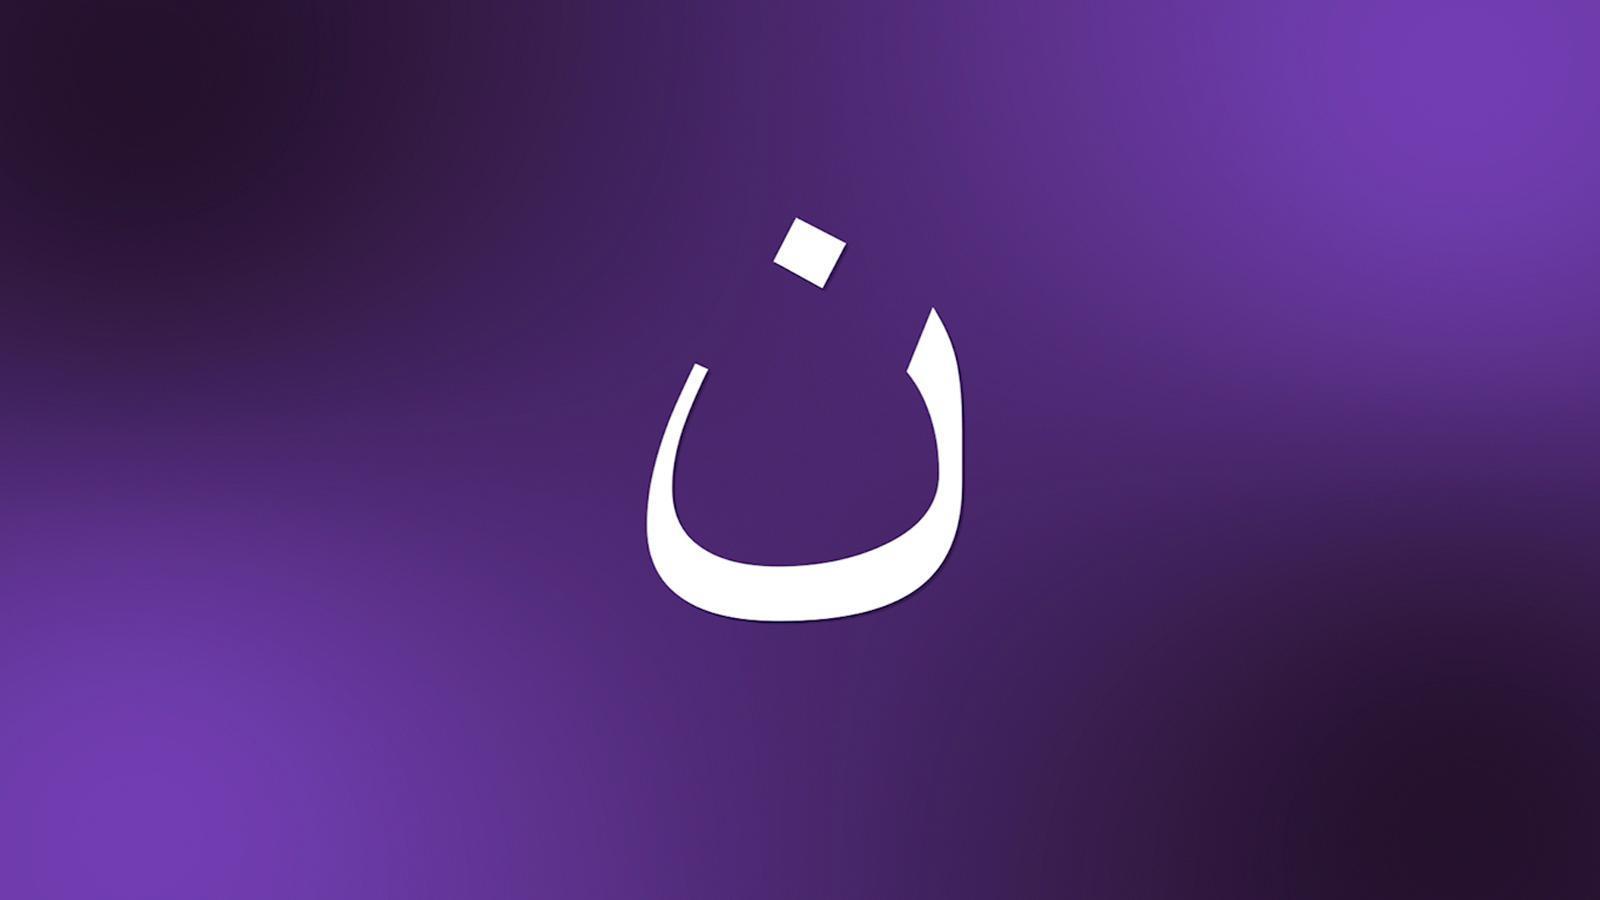 أسماء بنات بحرف النون